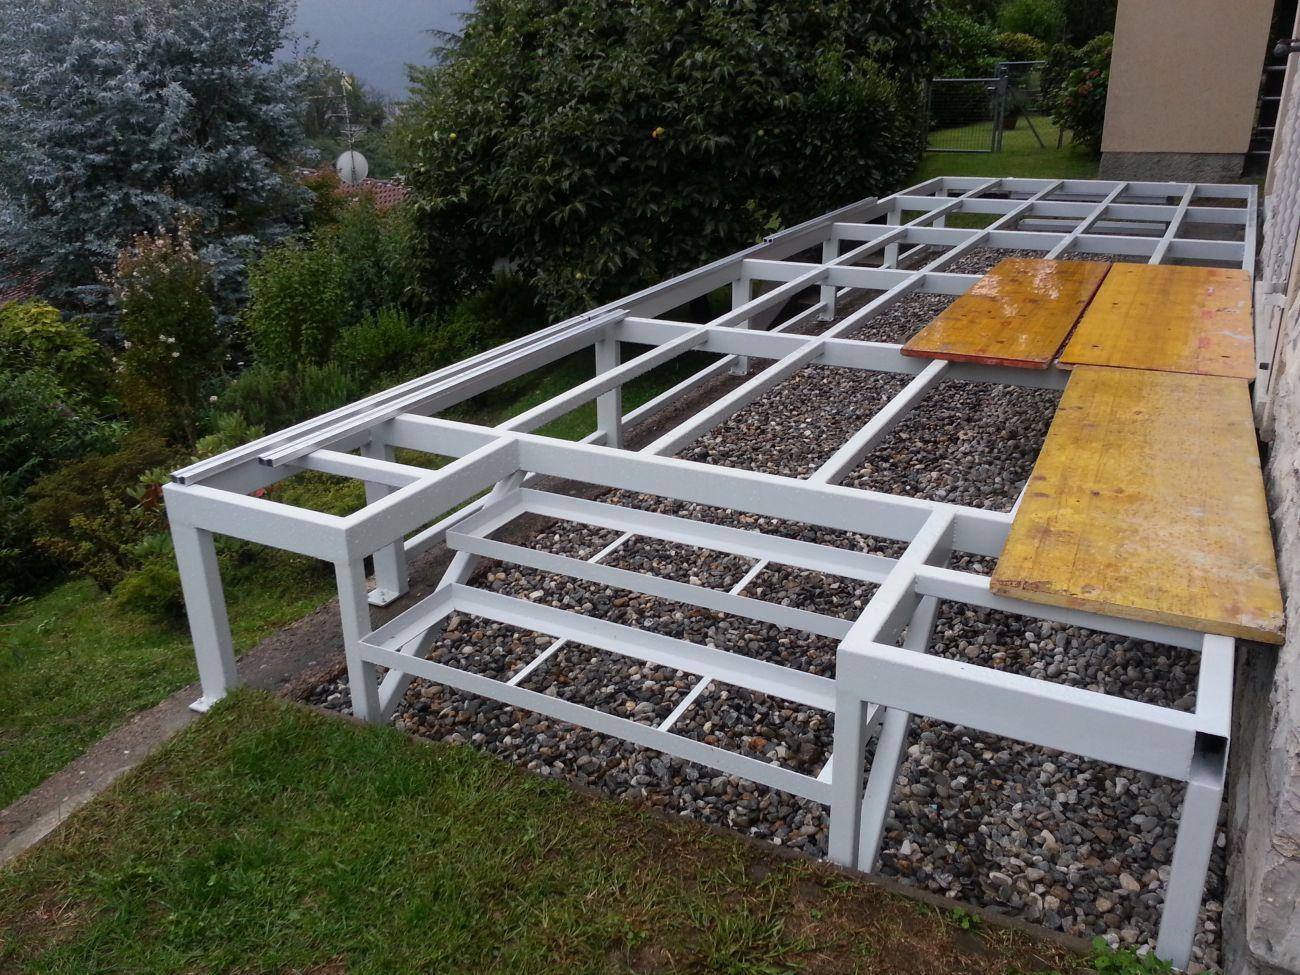 Parquet per esterni soriano pavimenti in legno - Pavimenti in legno per esterno ...